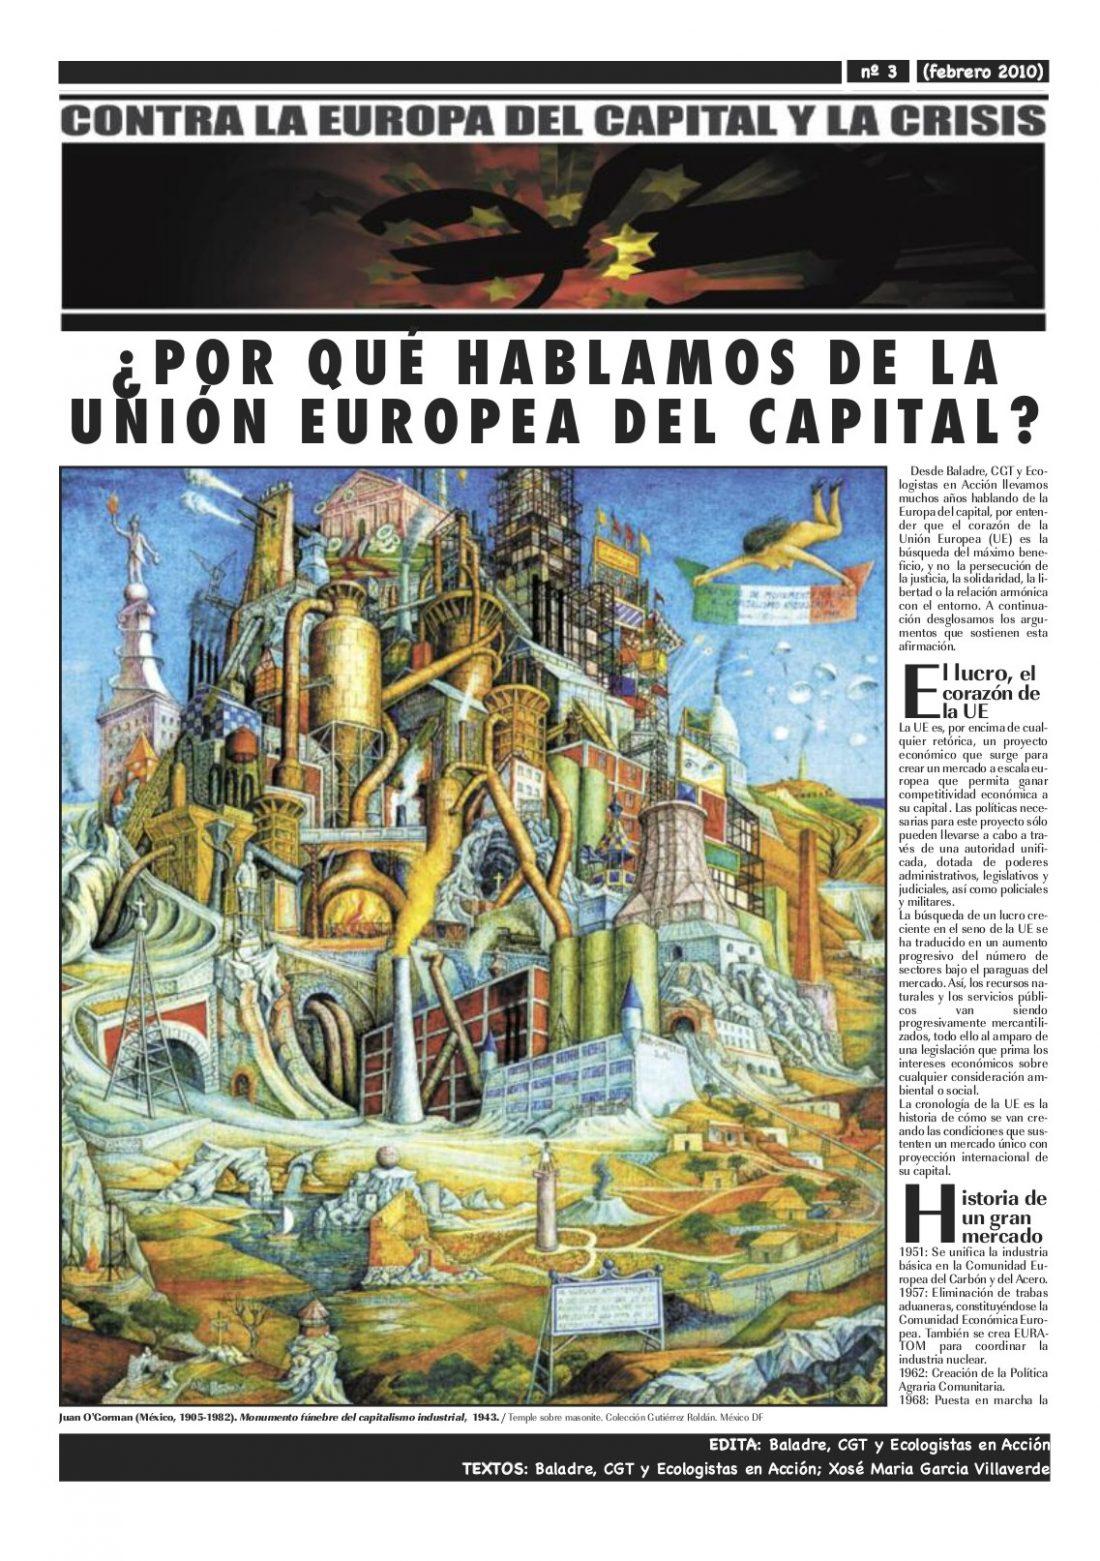 Contra la Europa del Capital: ¿Por qué hablamos de la U.€. del capital?